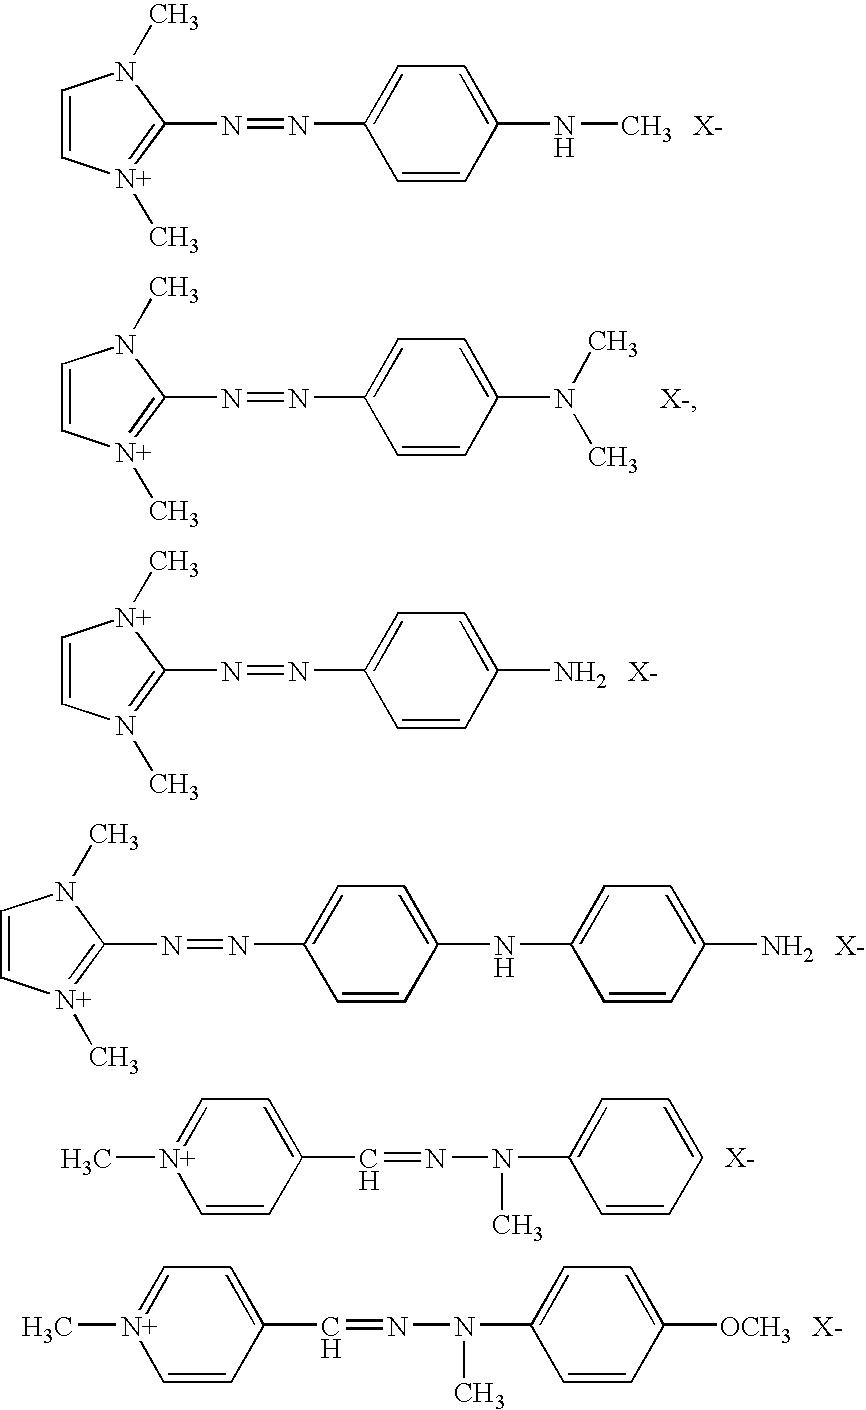 Figure US20090158533A1-20090625-C00017